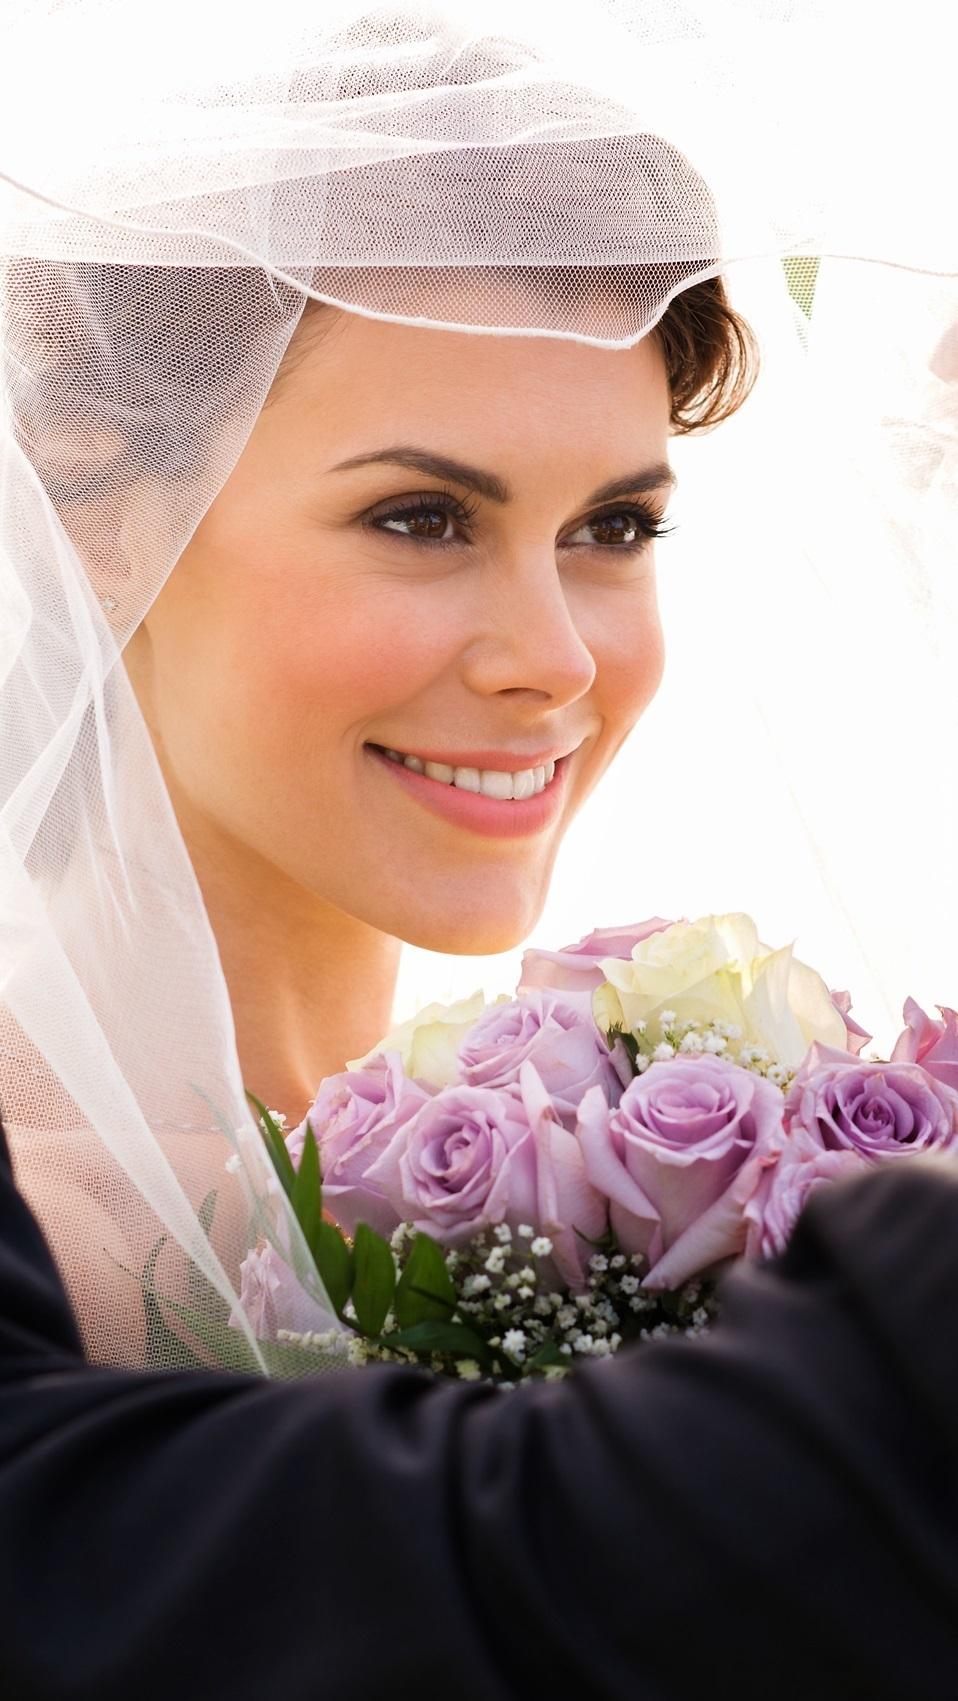 Panna młoda z welonem i kwiatami